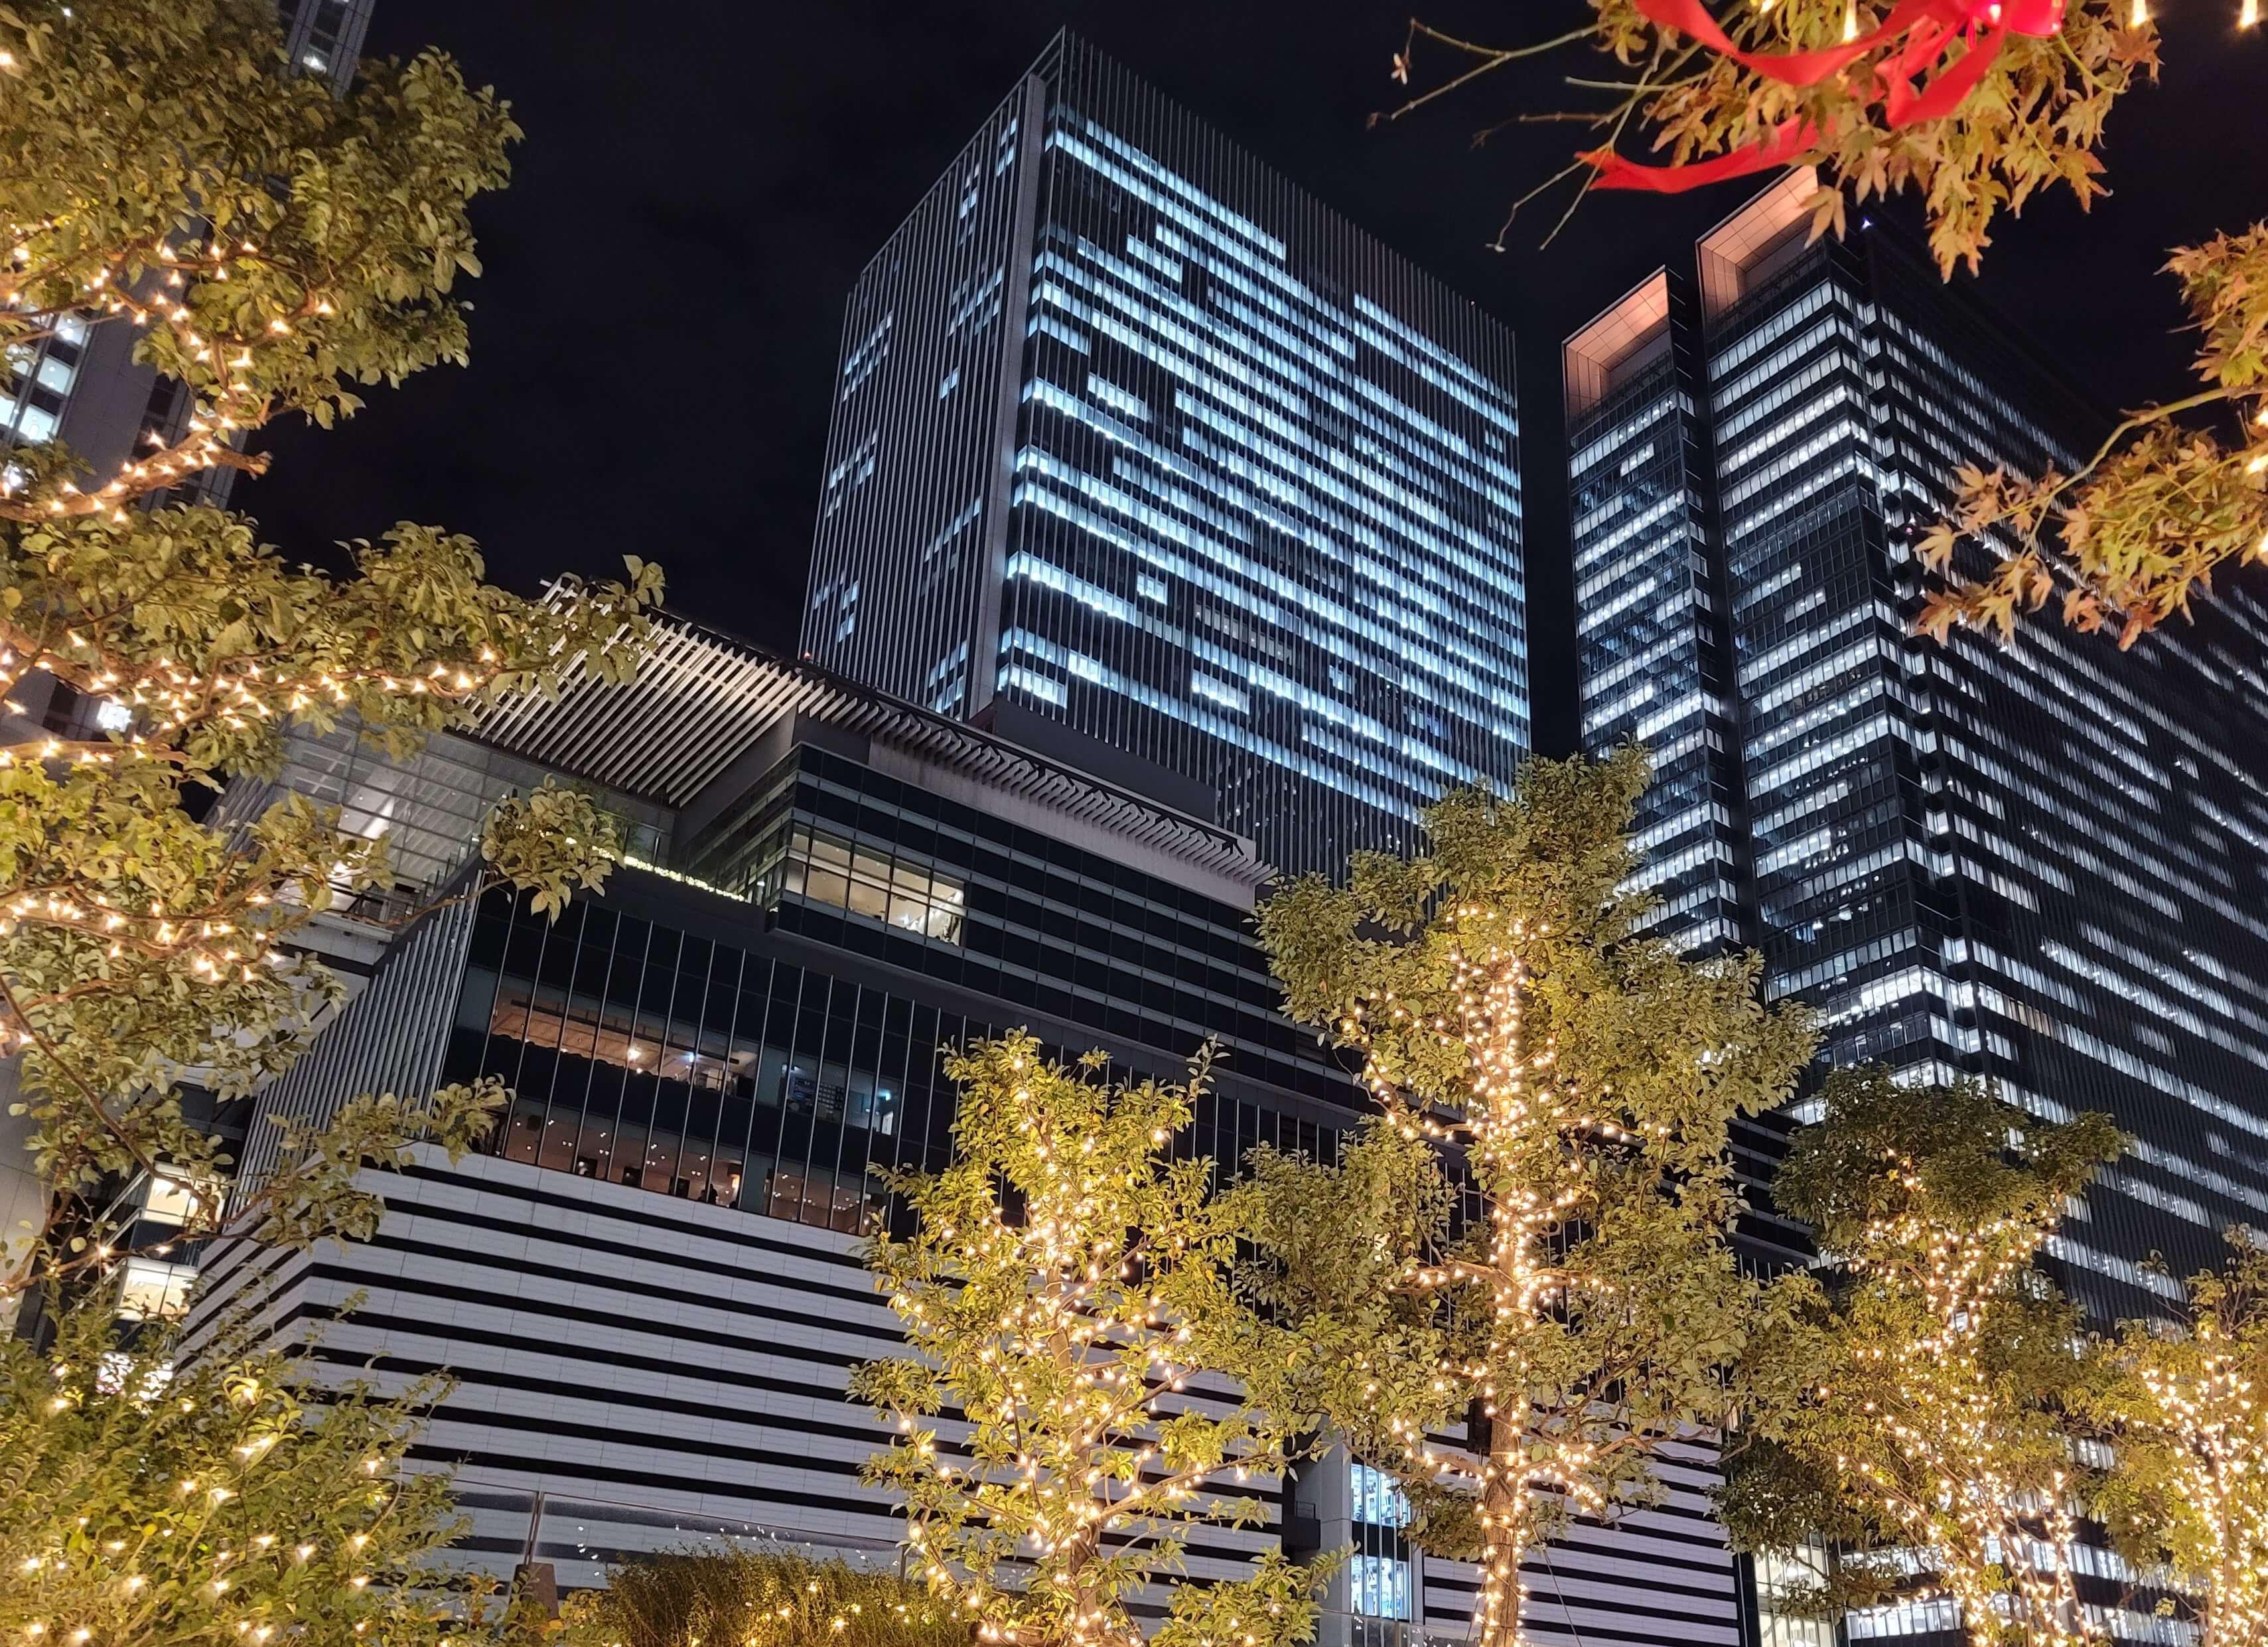 Galaxy Note20 Ultra 5Gの夜景写真2